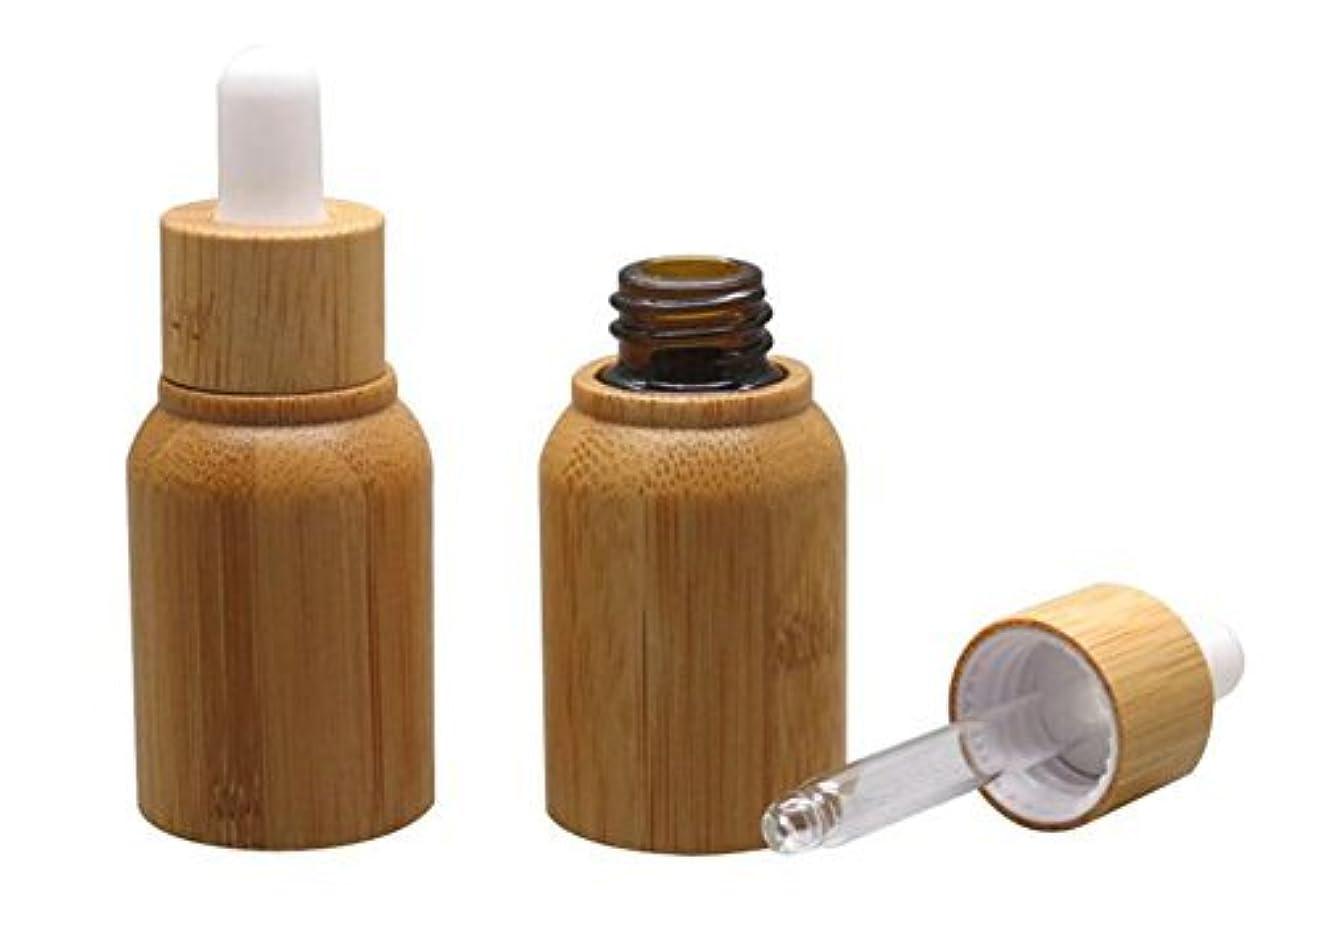 断言する嫌悪暴動1PCS 10ML 10G Bamboo Glass Eye Dropper Bottle with Pipettes Cosmetic Sample Container Bottles for Essential Oil...